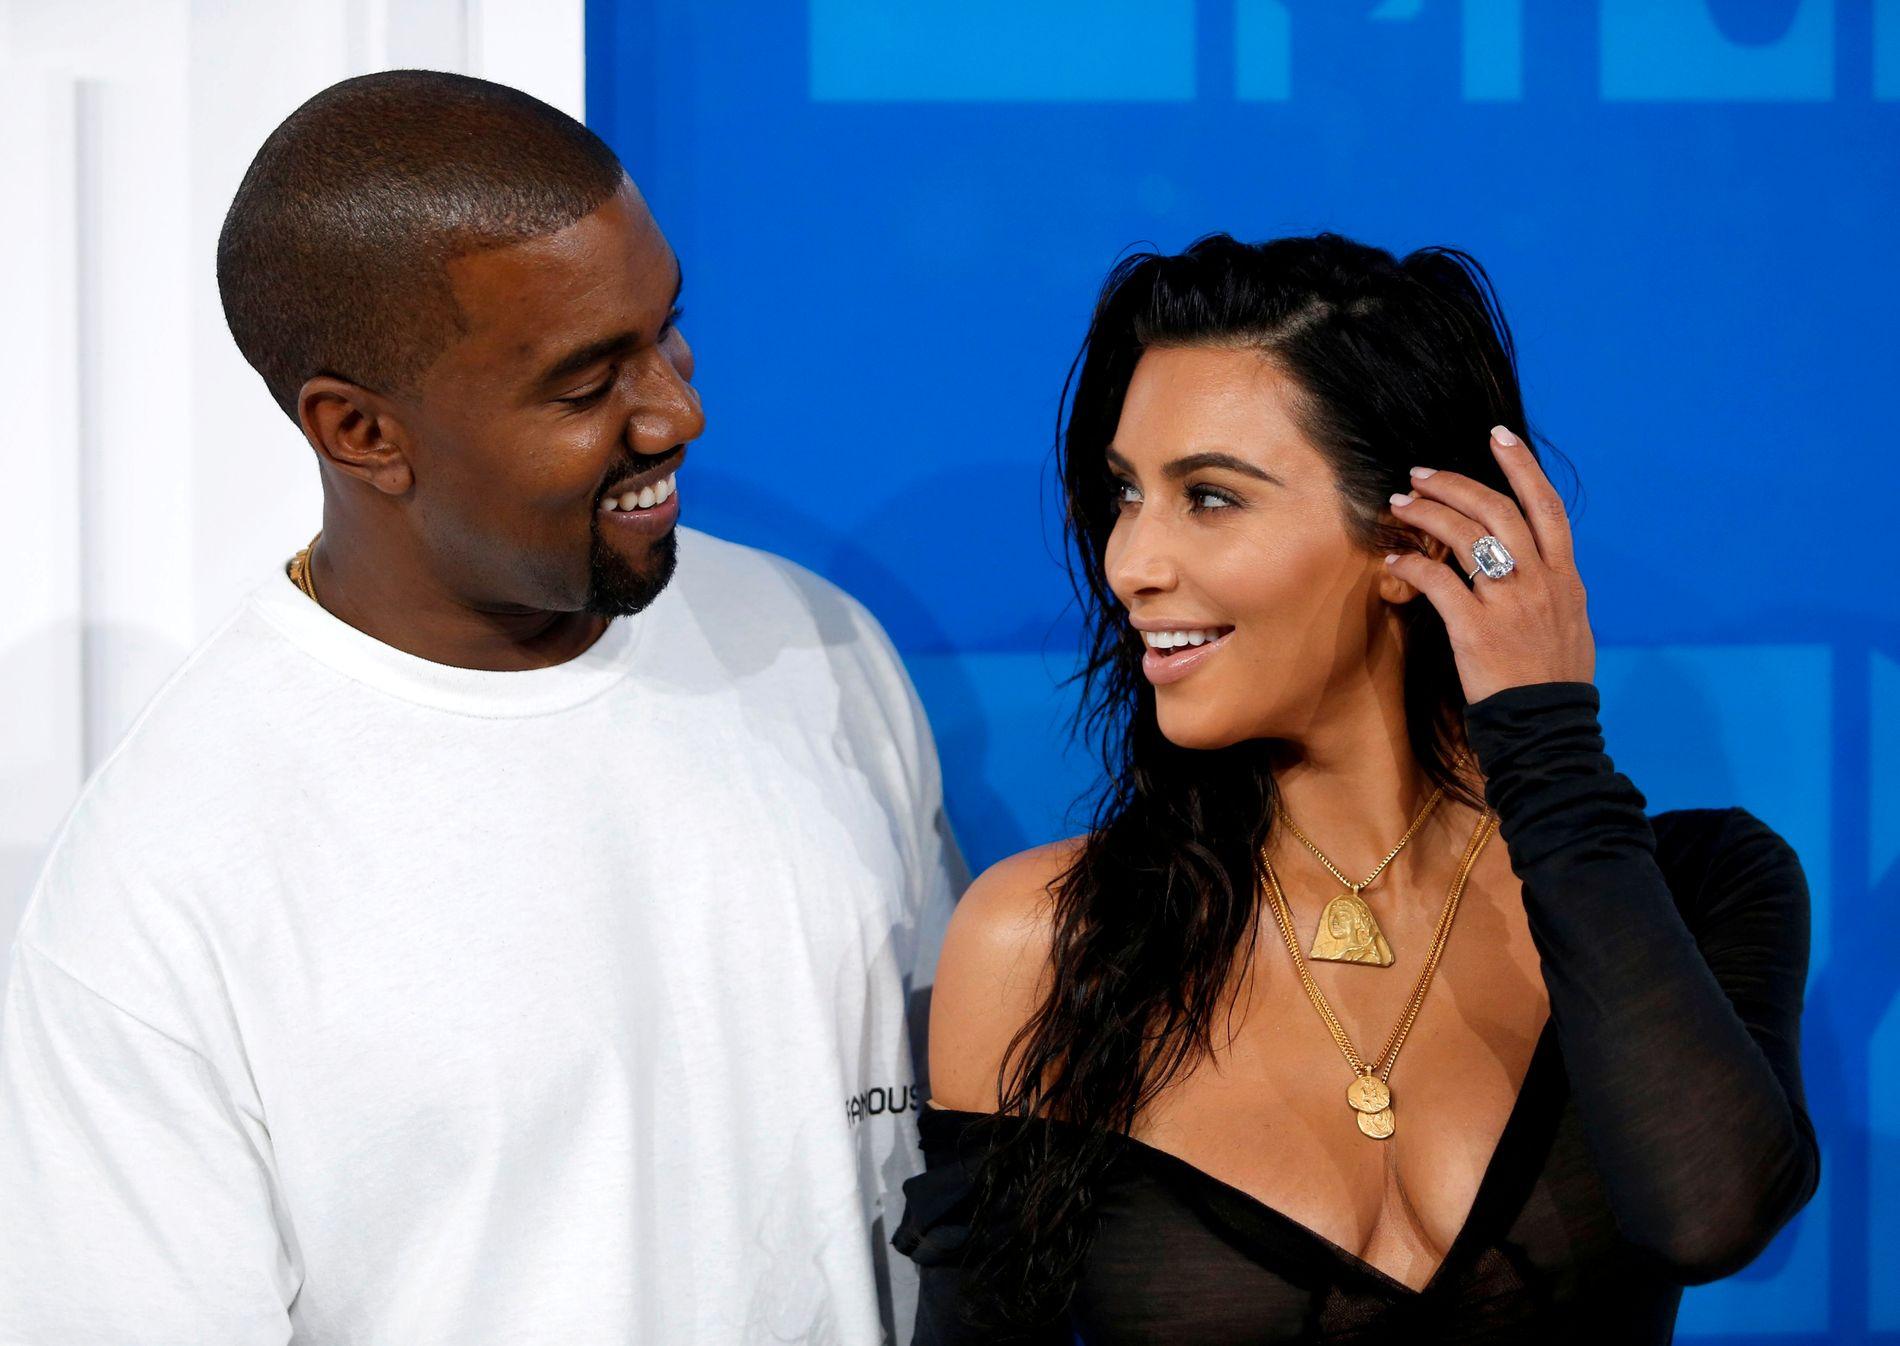 EKTEPAR: Kim og Kanye giftet seg i 2014 og haddestorslagent bryllup i Italia og Frankrike.